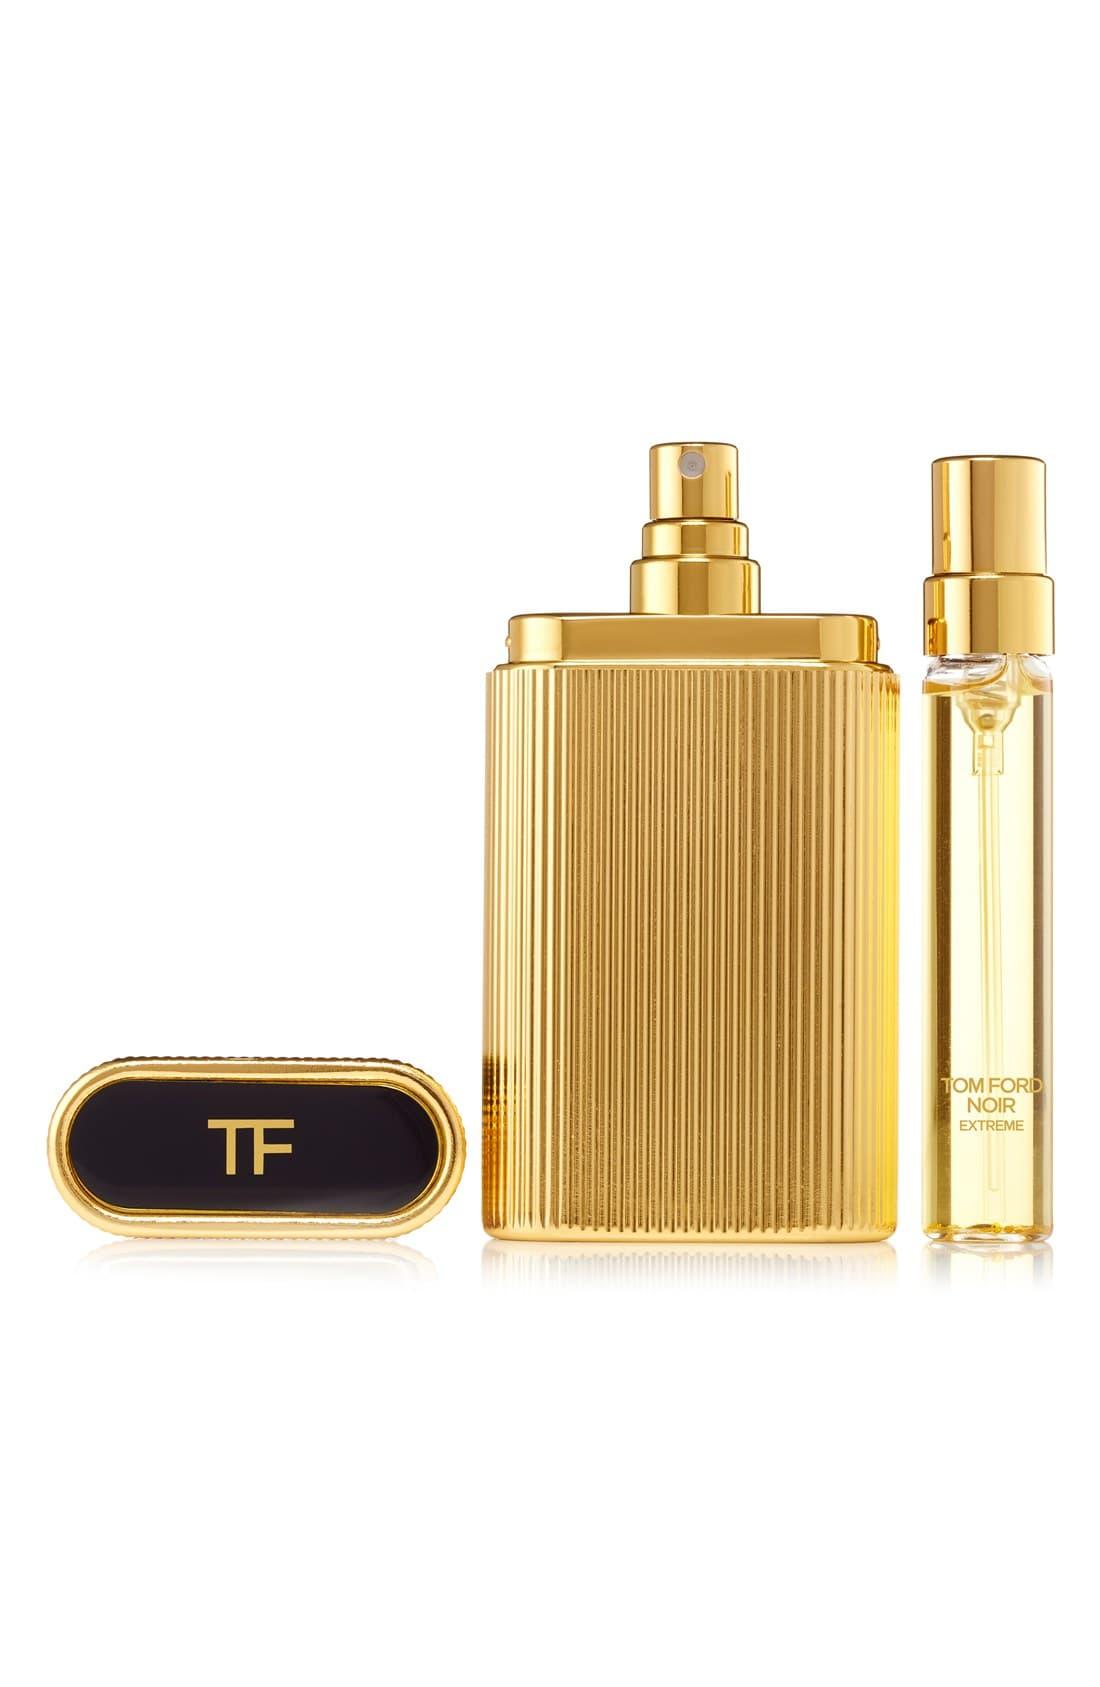 Tom Ford Noir Extreme Perfume Atomizer Nordstrom In 2021 Tom Ford Perfume Best Perfume For Men Tom Ford Fragrance